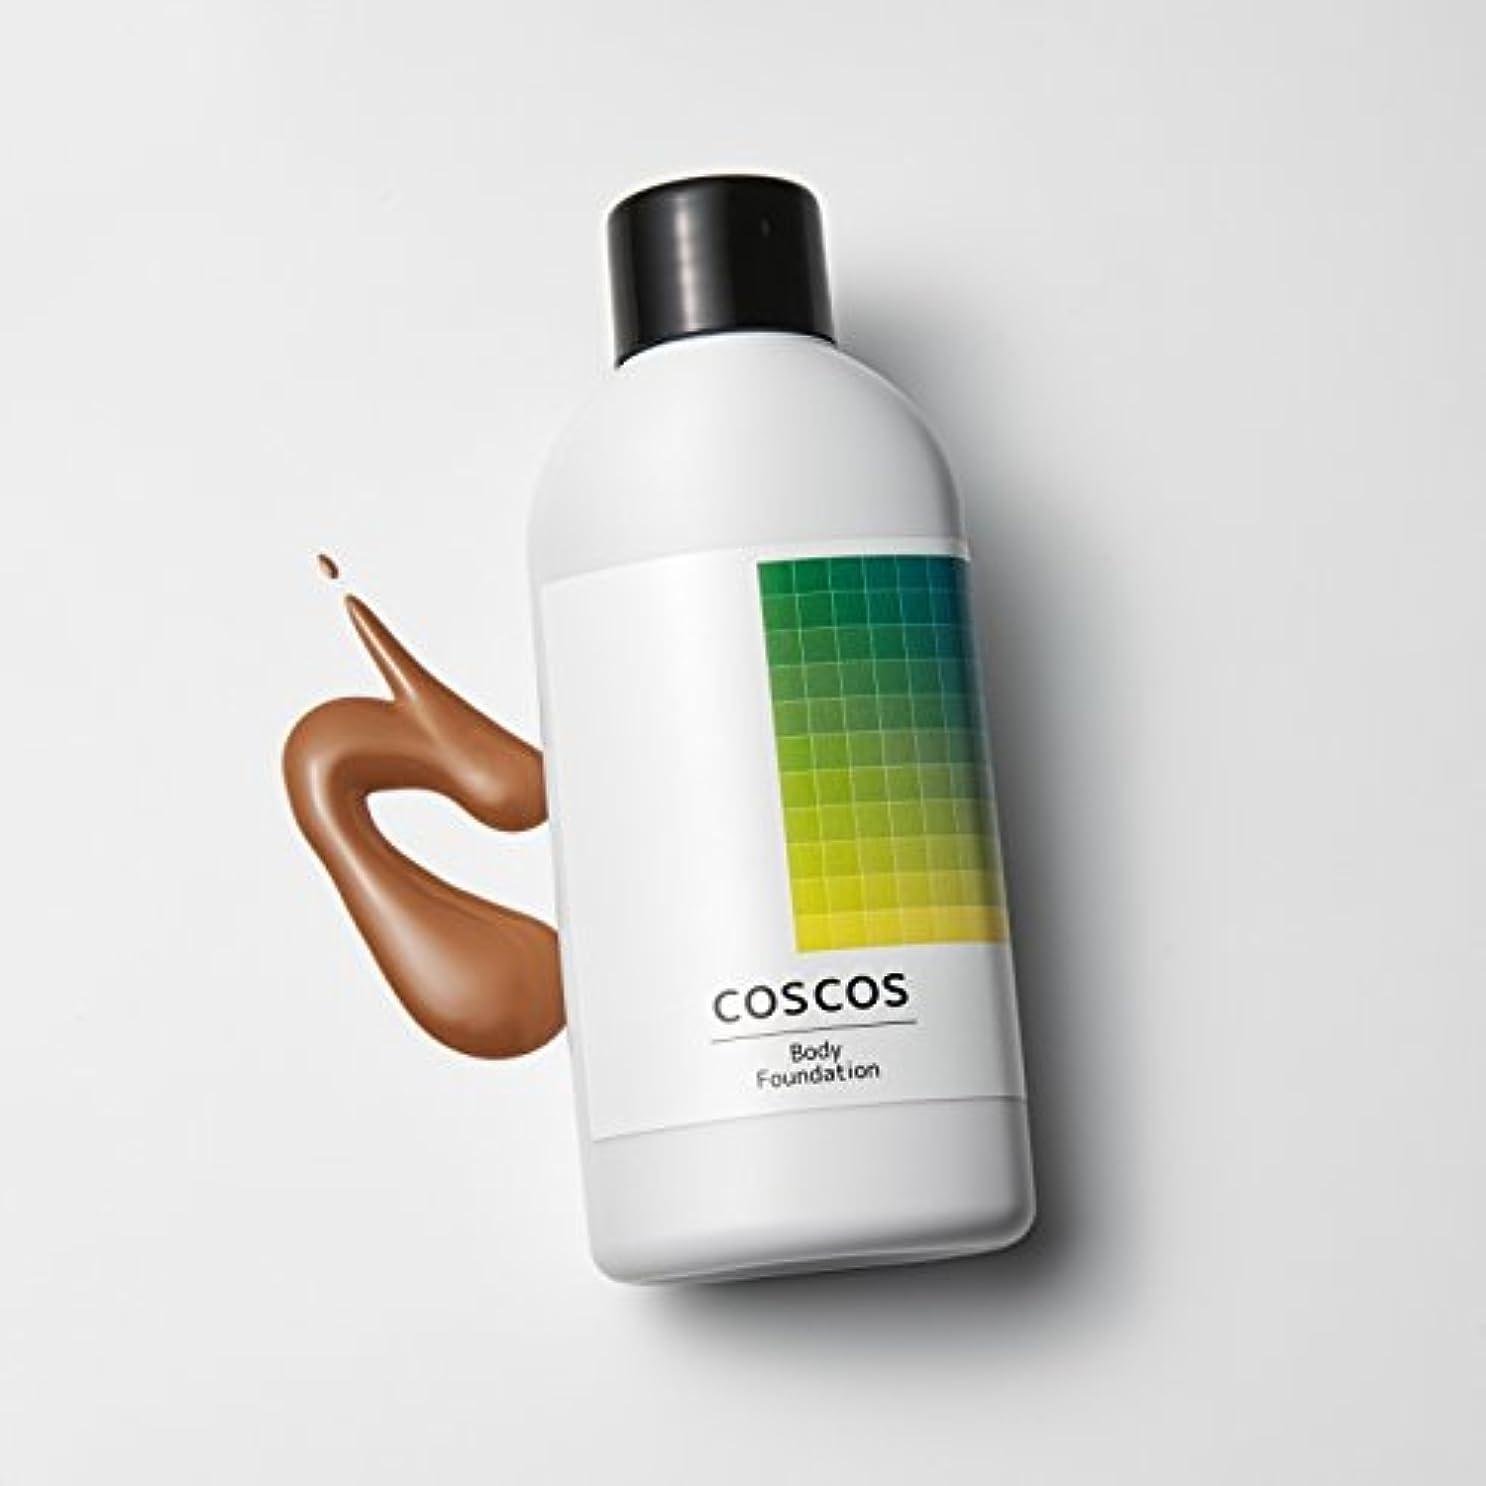 はっきりしない不良品講義COSCOS(コスコス) ボディファンデーション(褐色肌/BR01) H